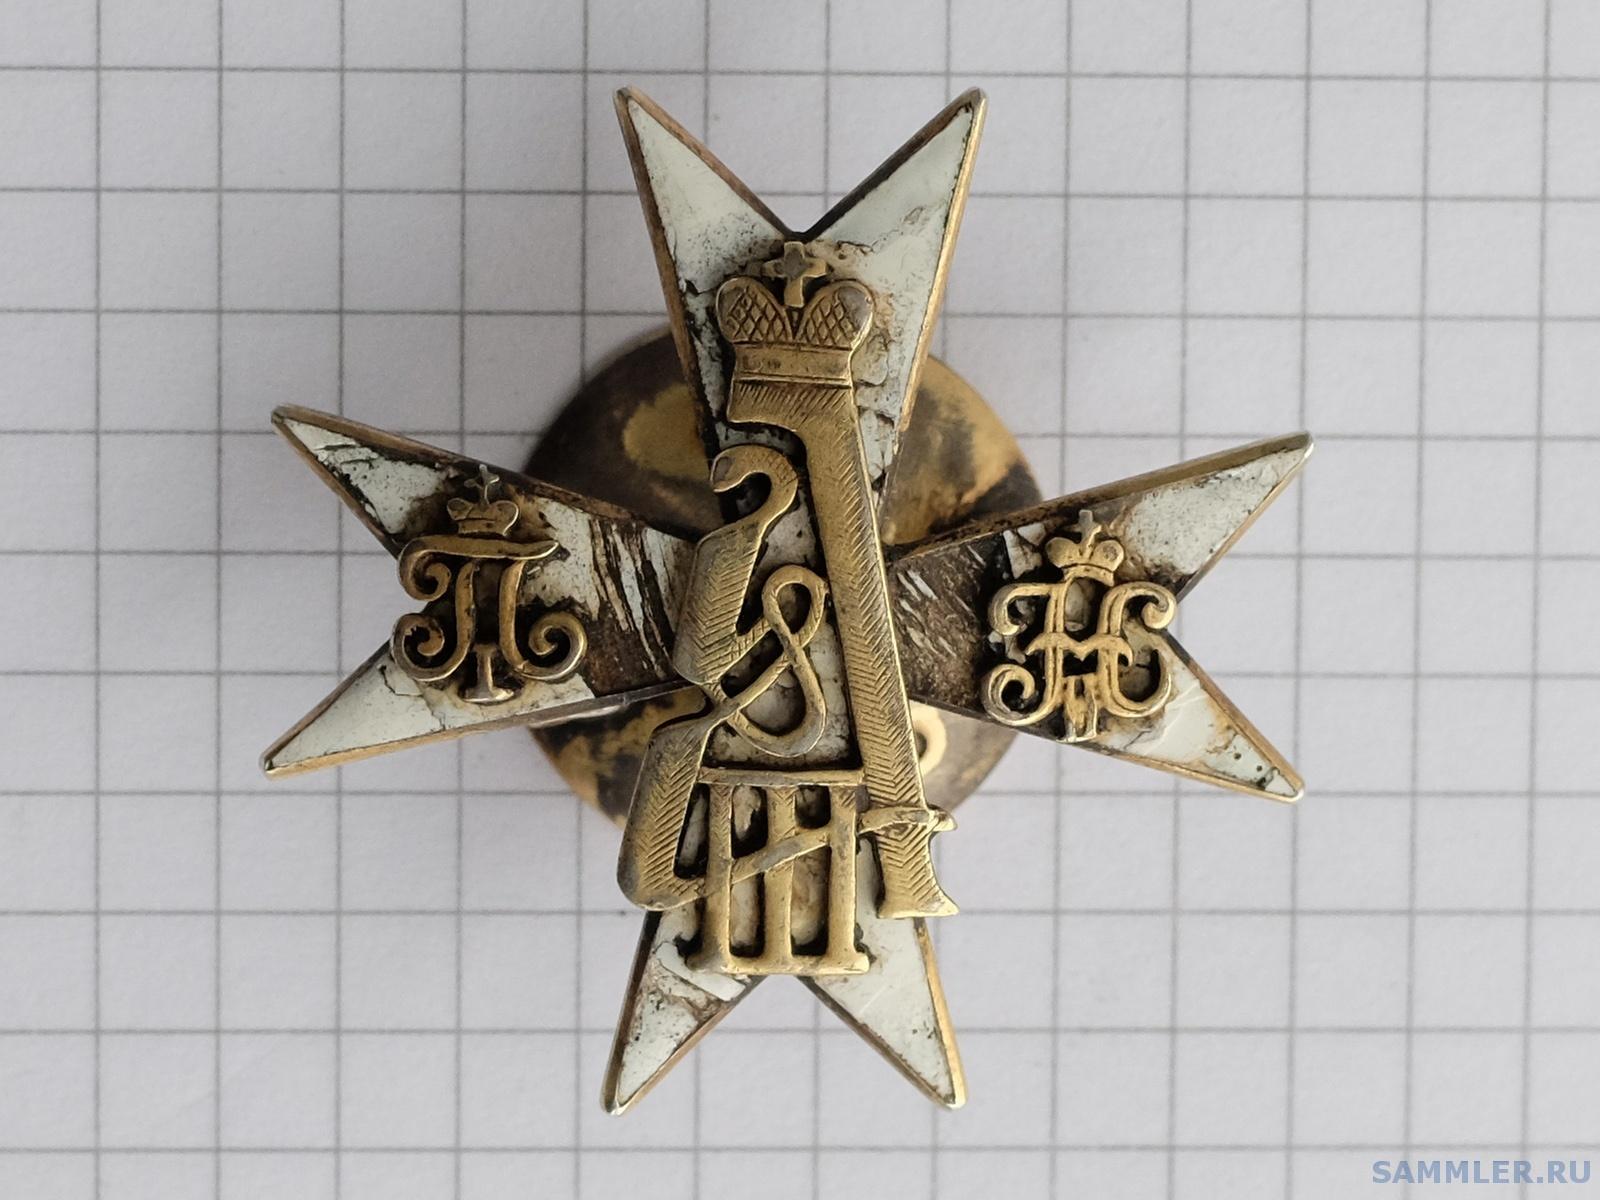 DSCF6281.JPG